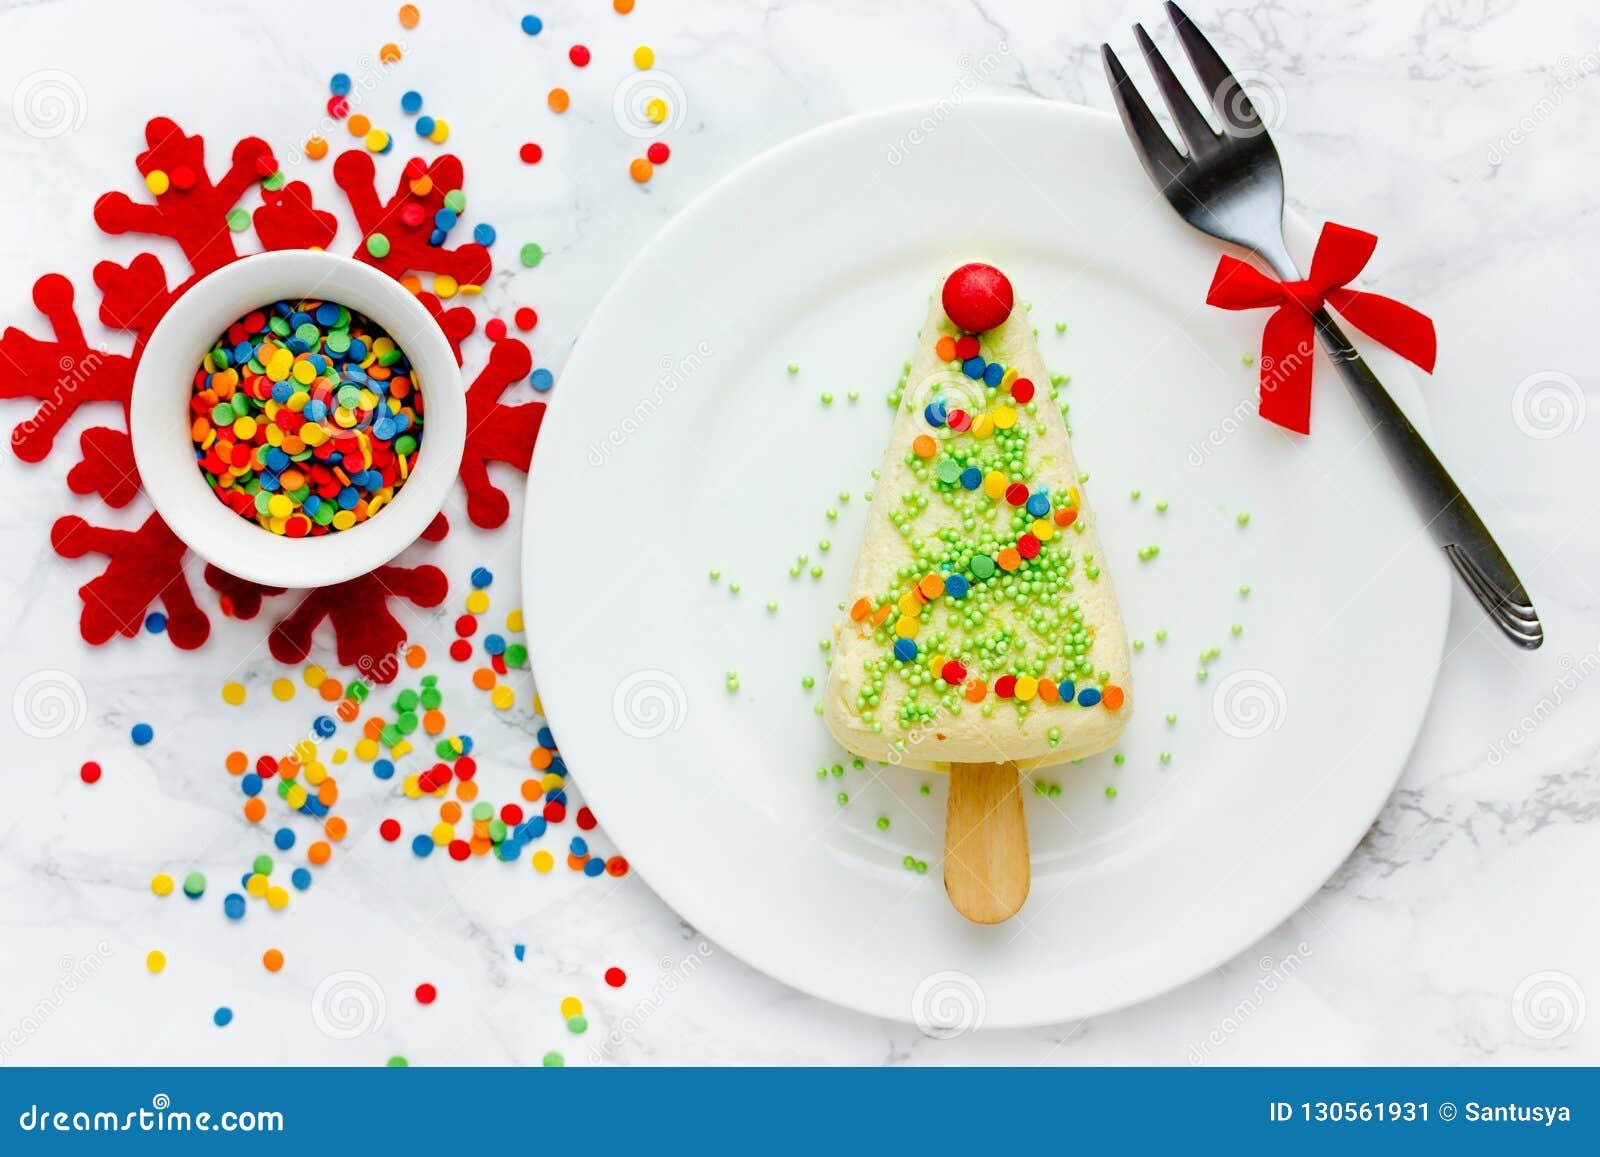 Christmas Tree Cheesecake Stock Image Image Of Celebration 130561931